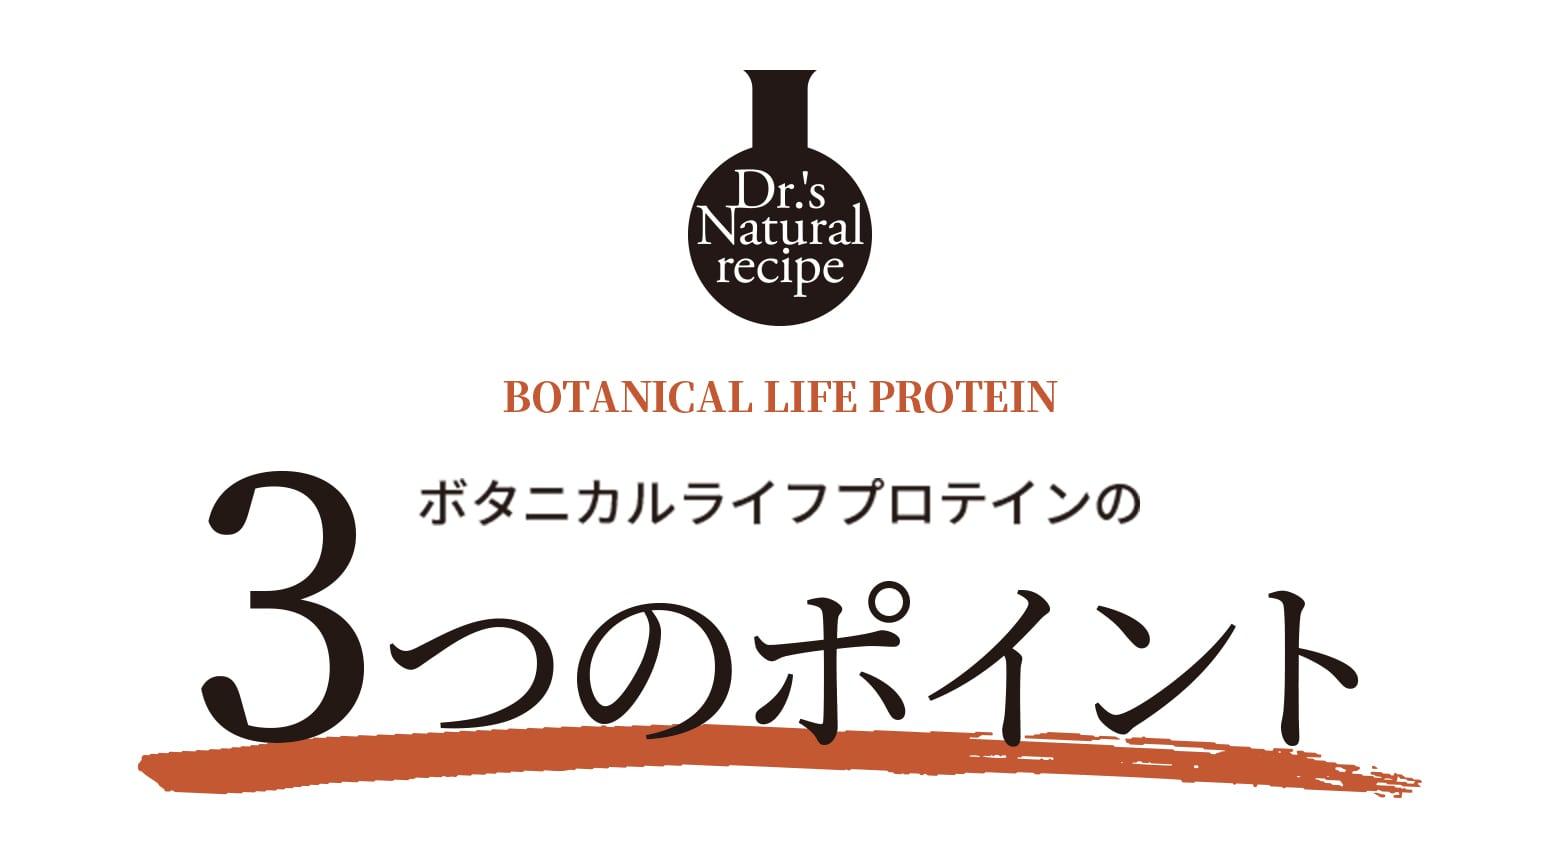 DNr ボタニカルライフプロテインの3つのポイント